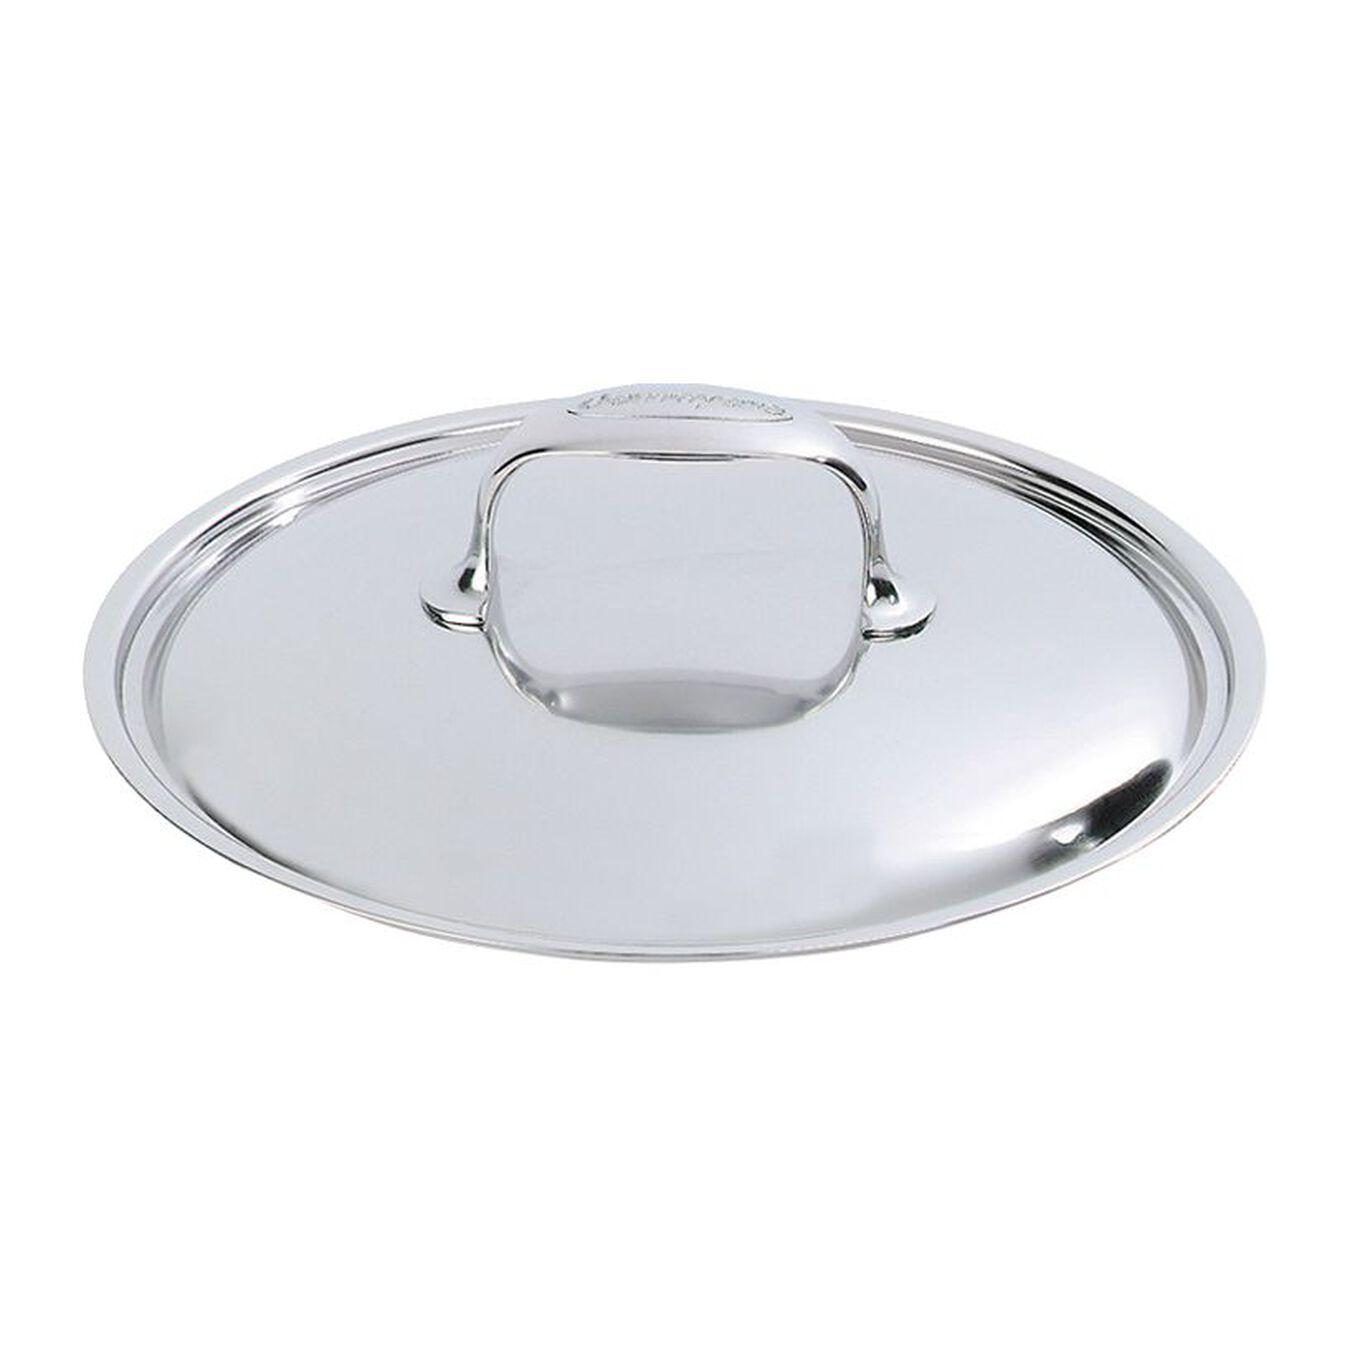 Coperchio - 14 cm, acciaio,,large 1